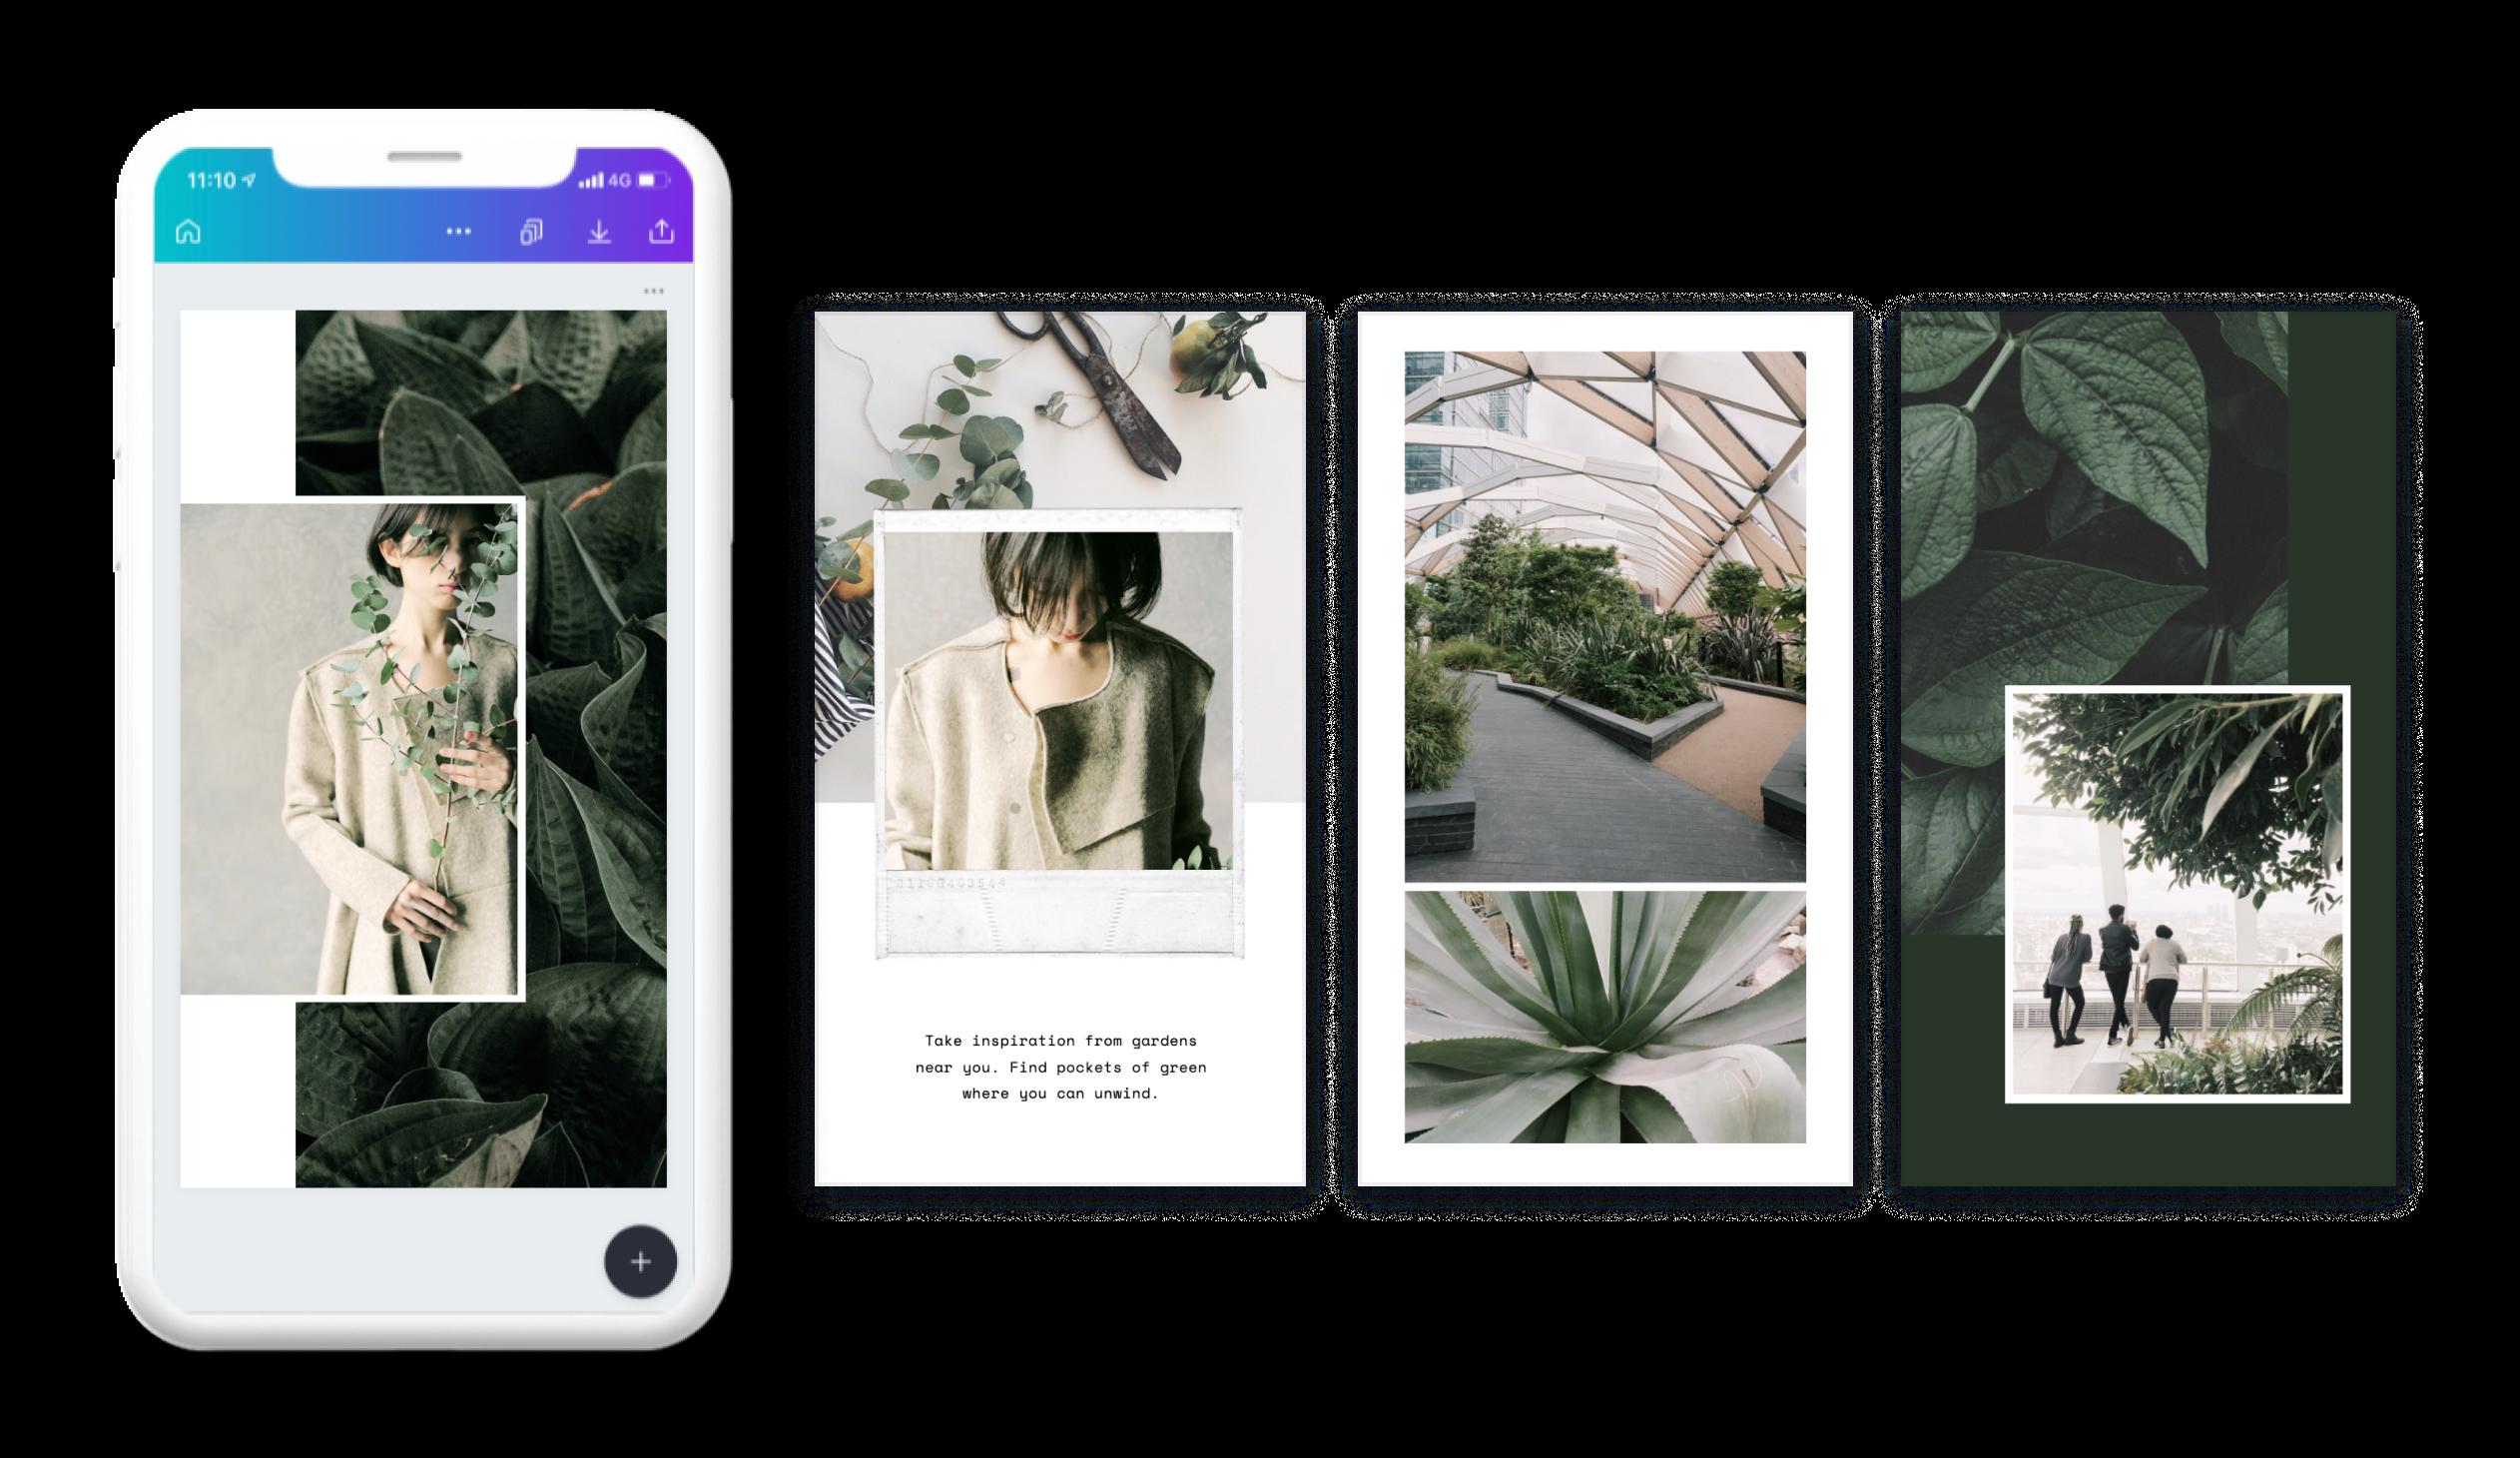 Facebook story set designed in Canva